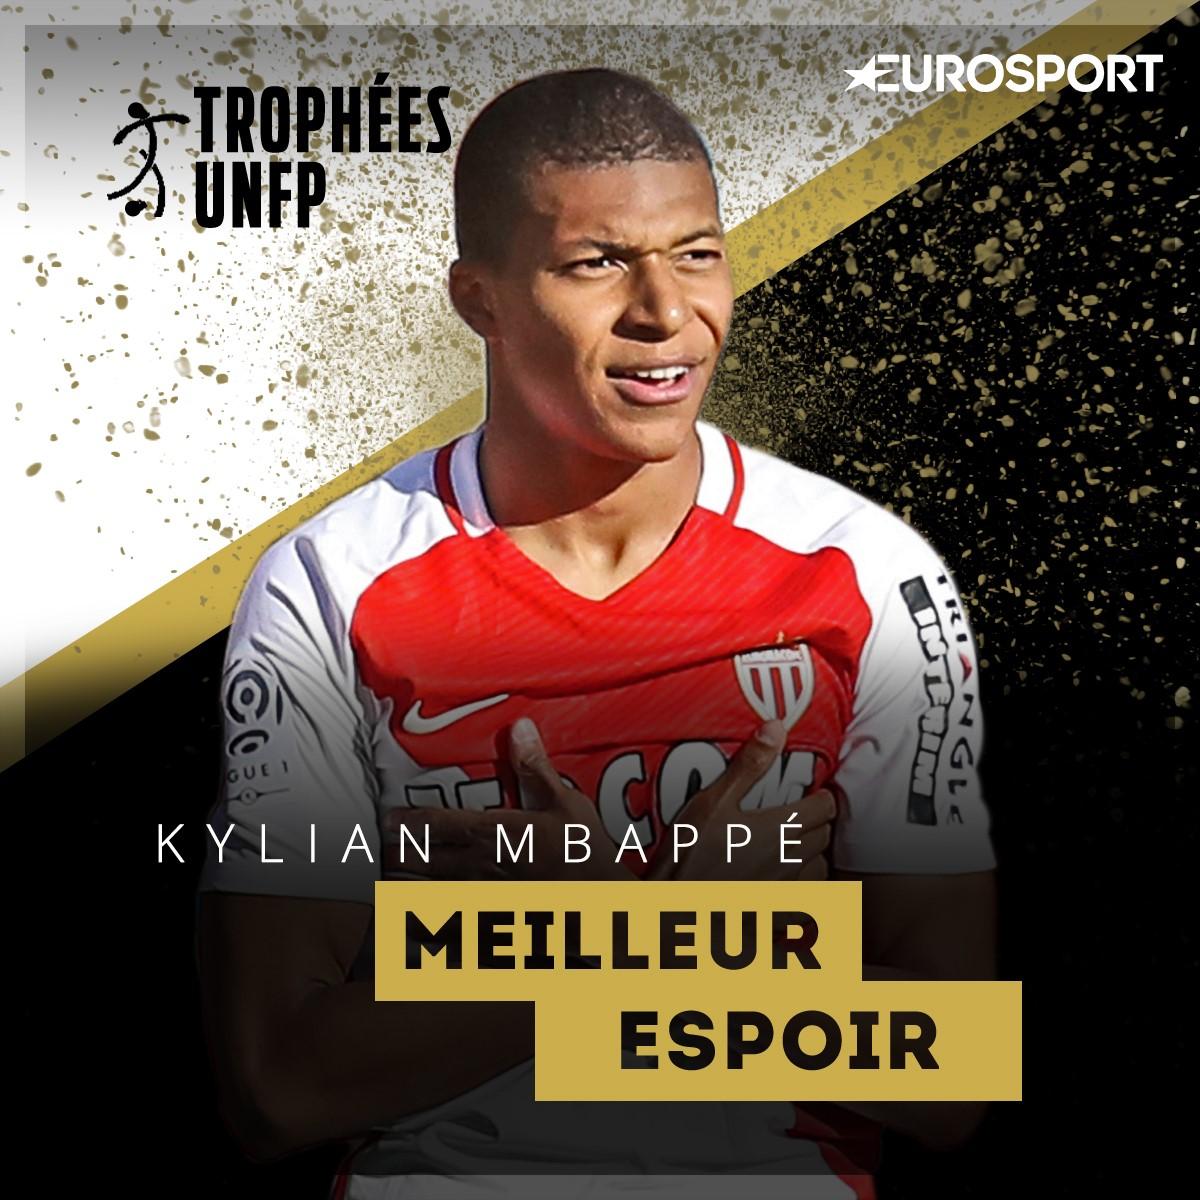 Kylian Mbappé meilleur espoir de Ligue 1